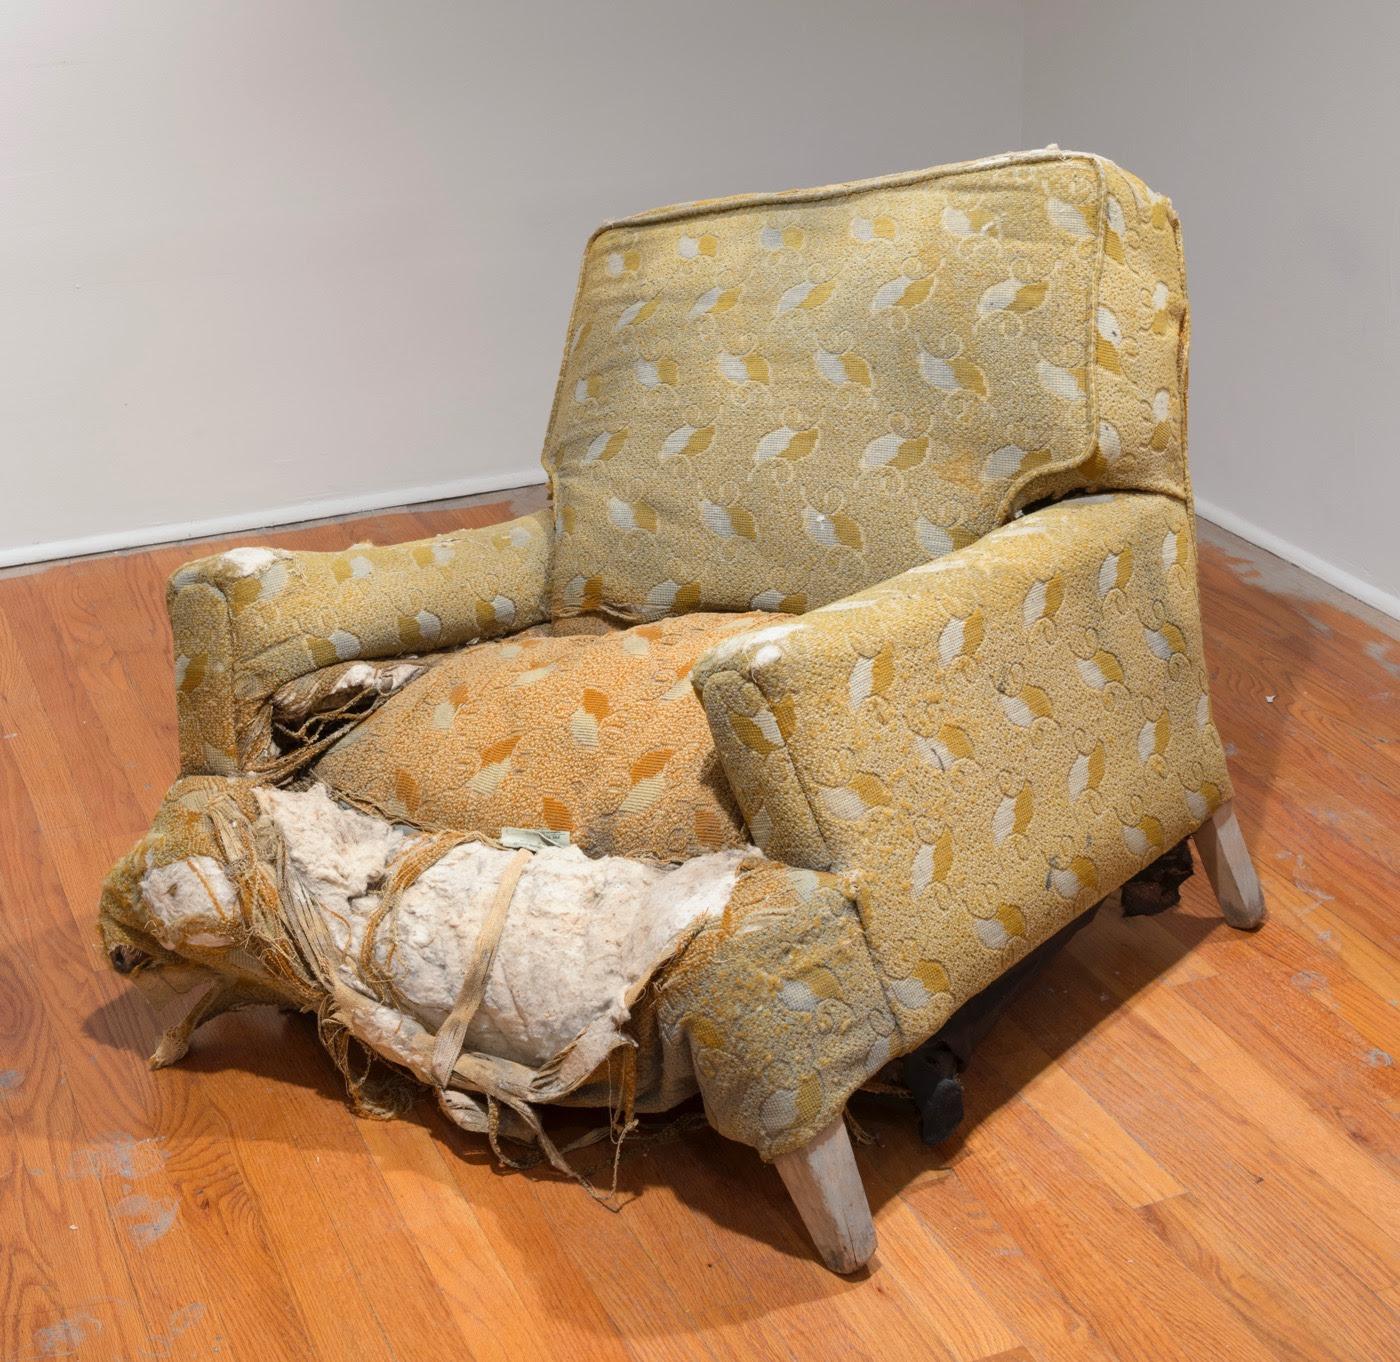 """Rodney McMillian, """"Chair"""" (installation view), 2003. Photo: Adam Reich"""